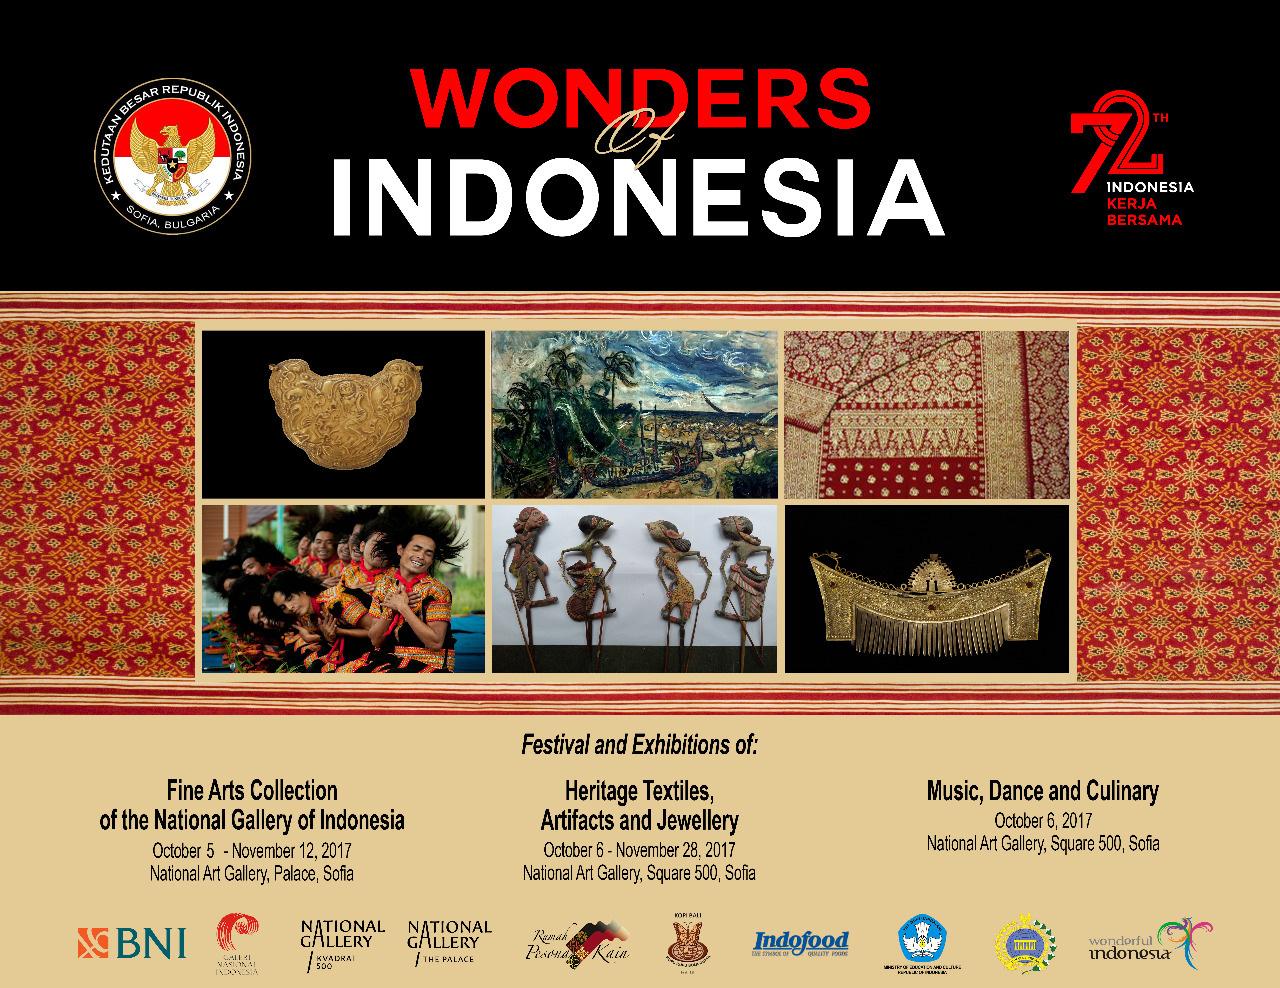 Indonesia Gelar Pameran Seni Rupa di Belgia